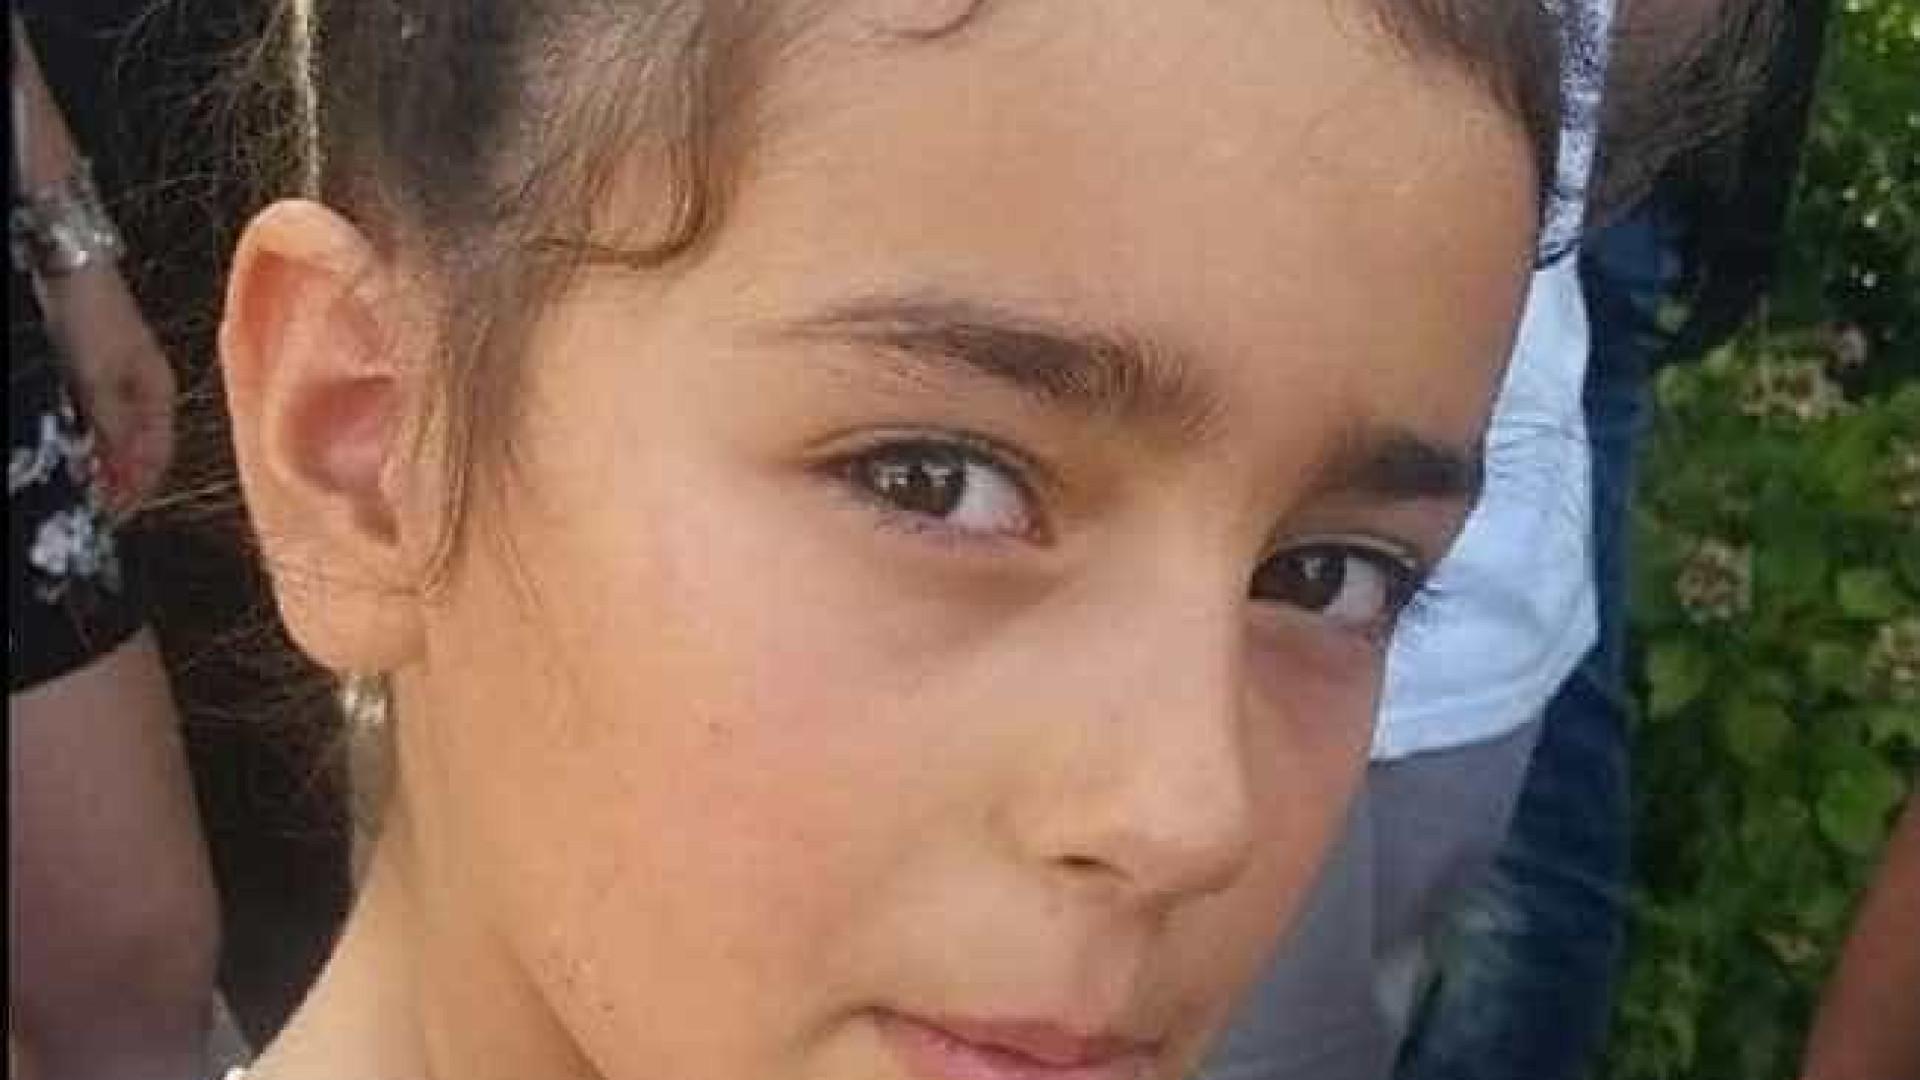 Largas dezenas de pessoas reclamaram justiça pela pequena Maëlys